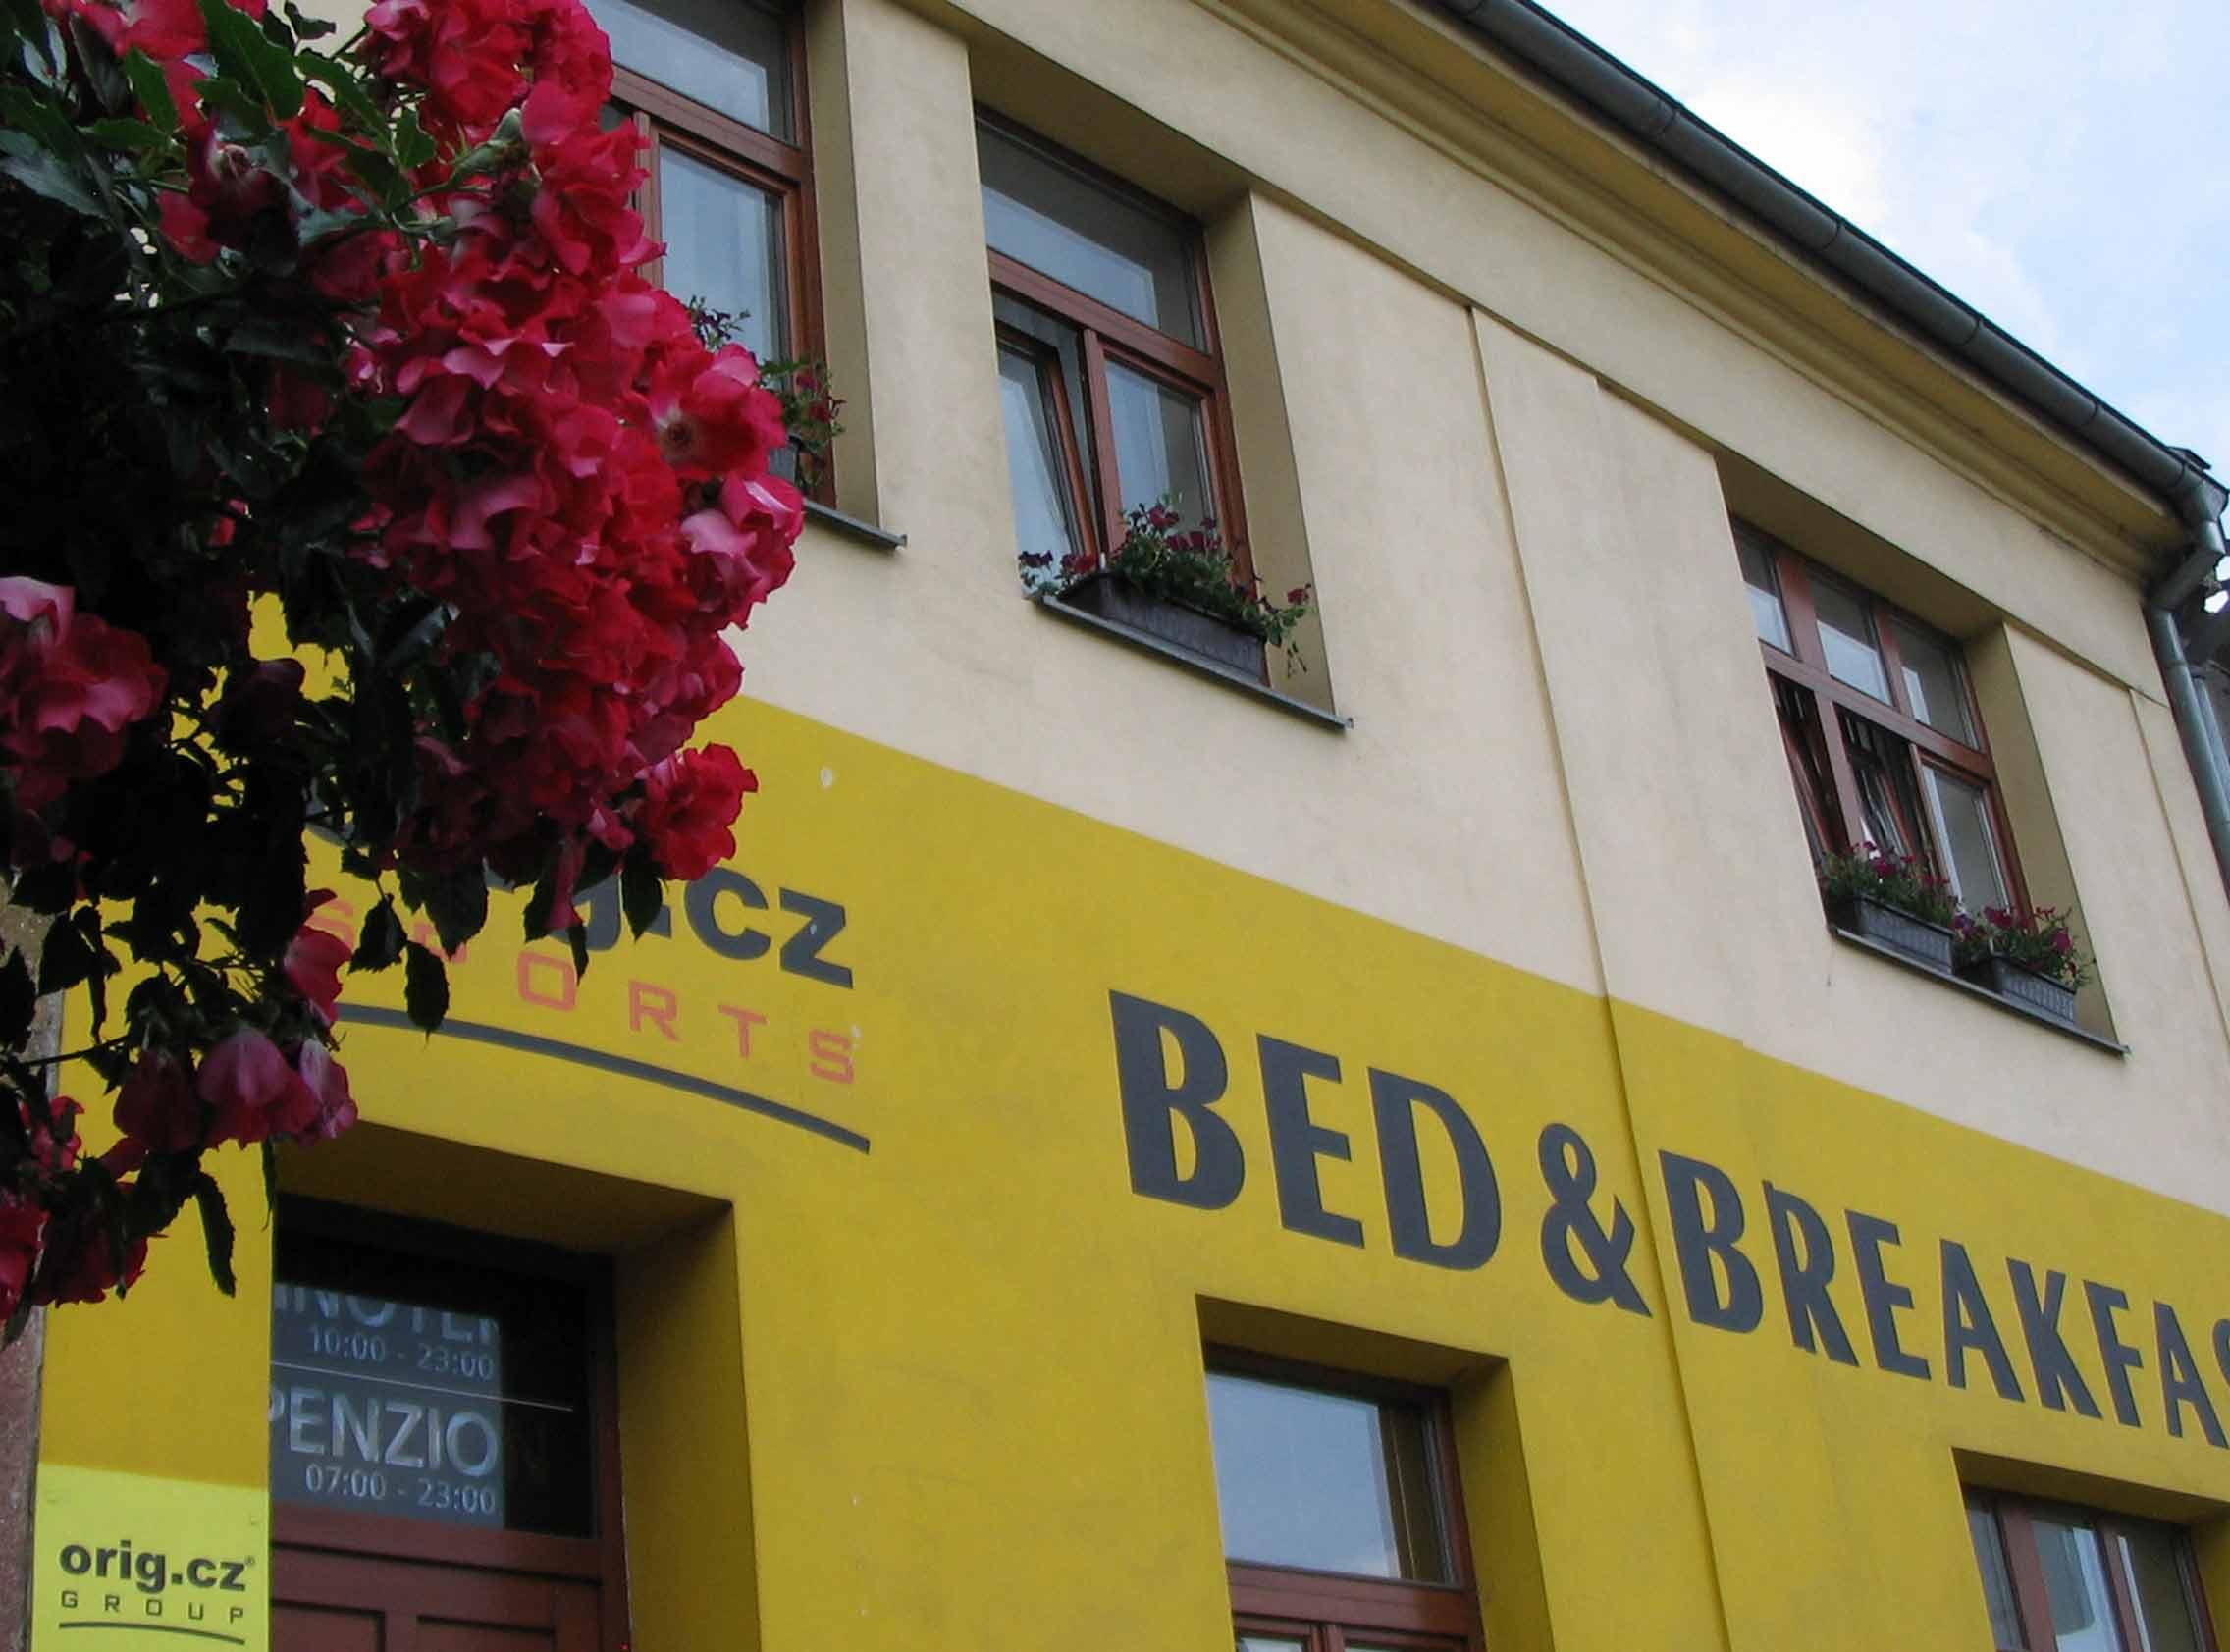 PENZION B&B Brno